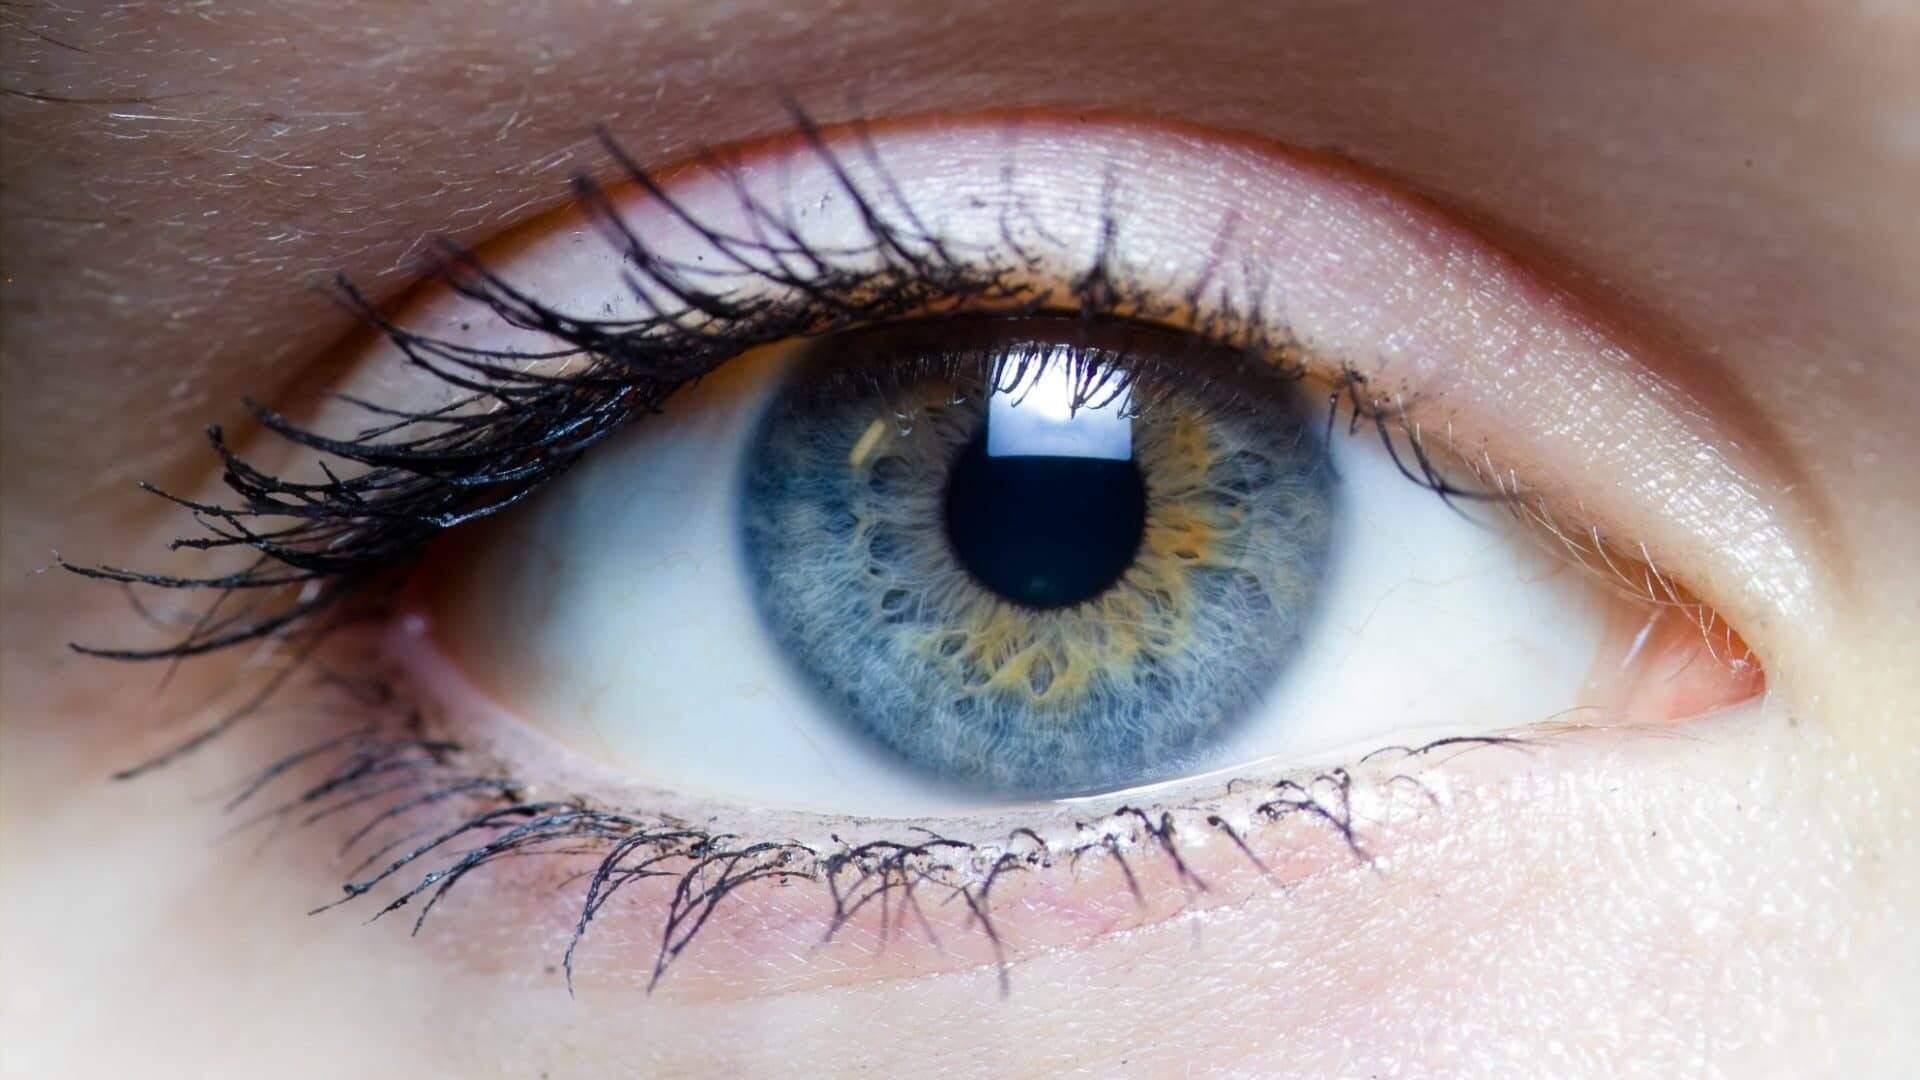 emdr therapy eye cork